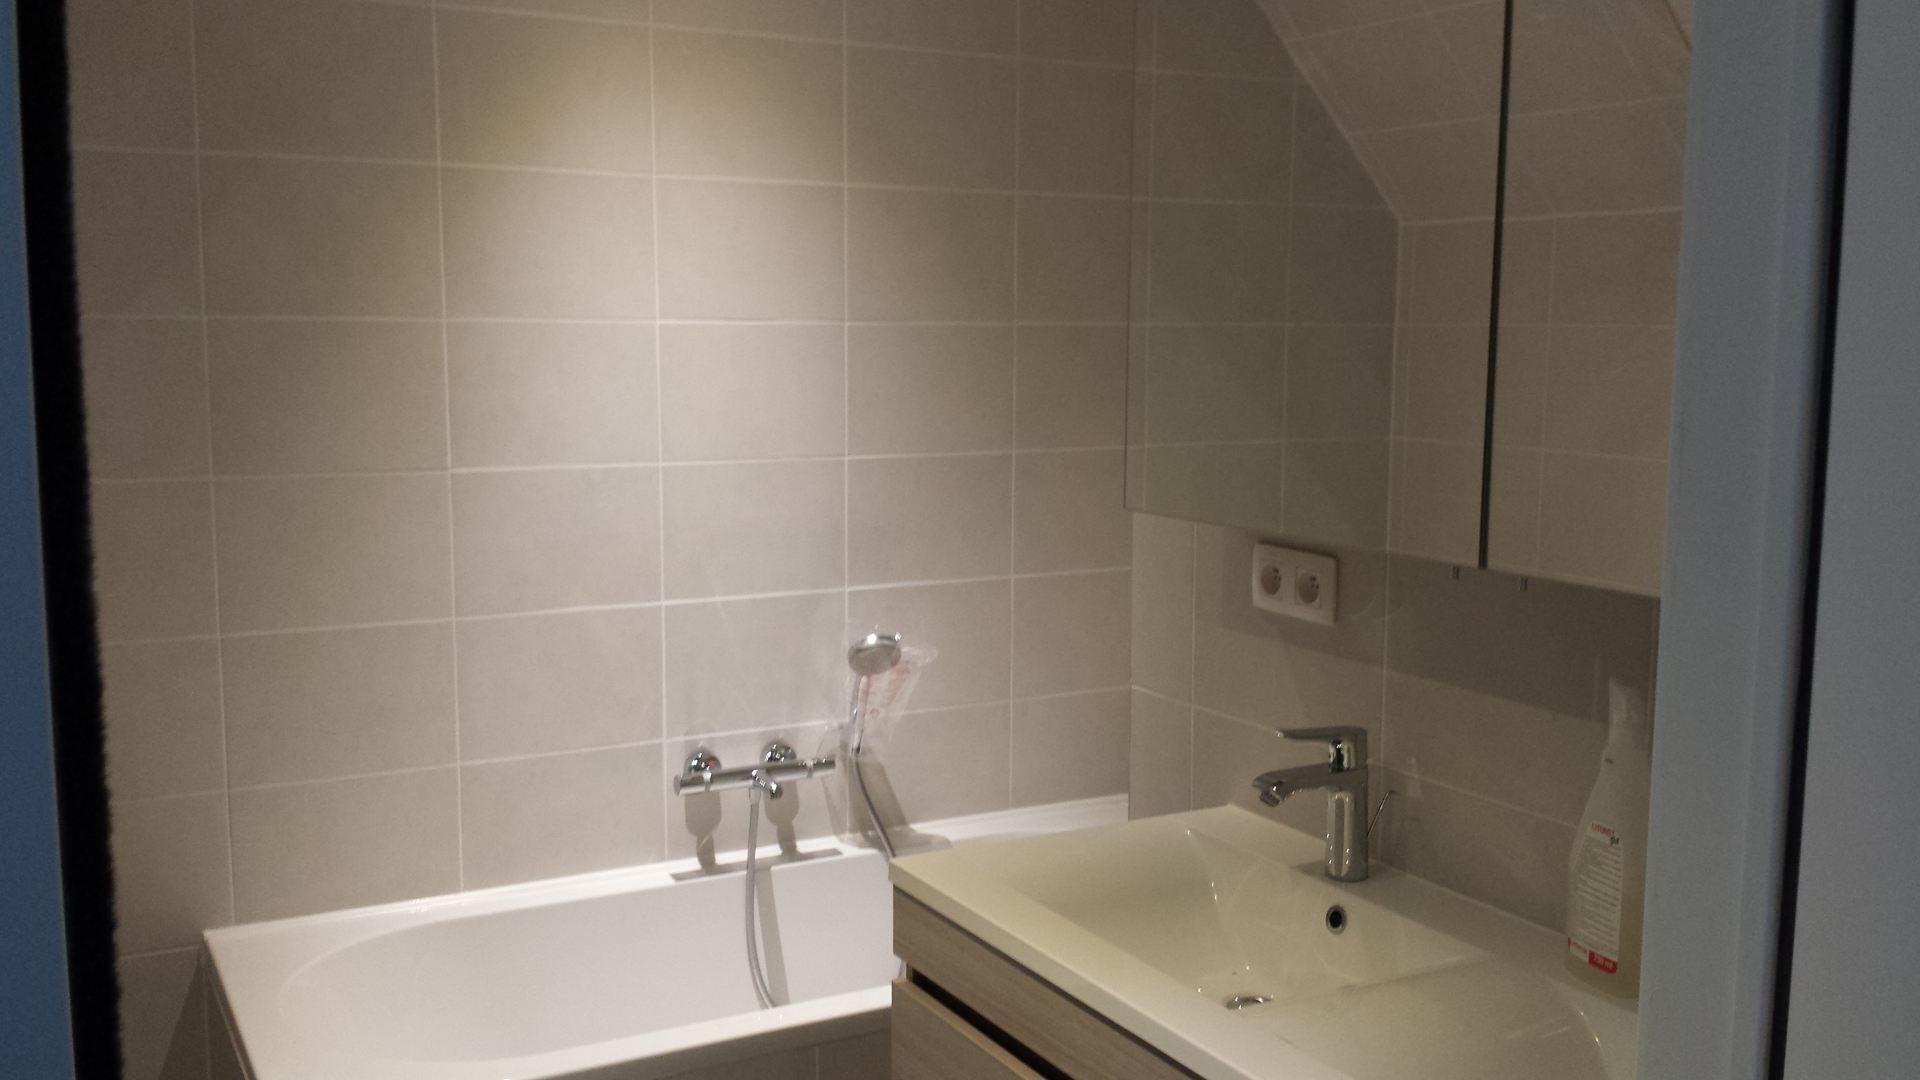 Renovatie Badkamer Bornem : Badkamer renovatie vloer en teglewerk te sint niklaas de